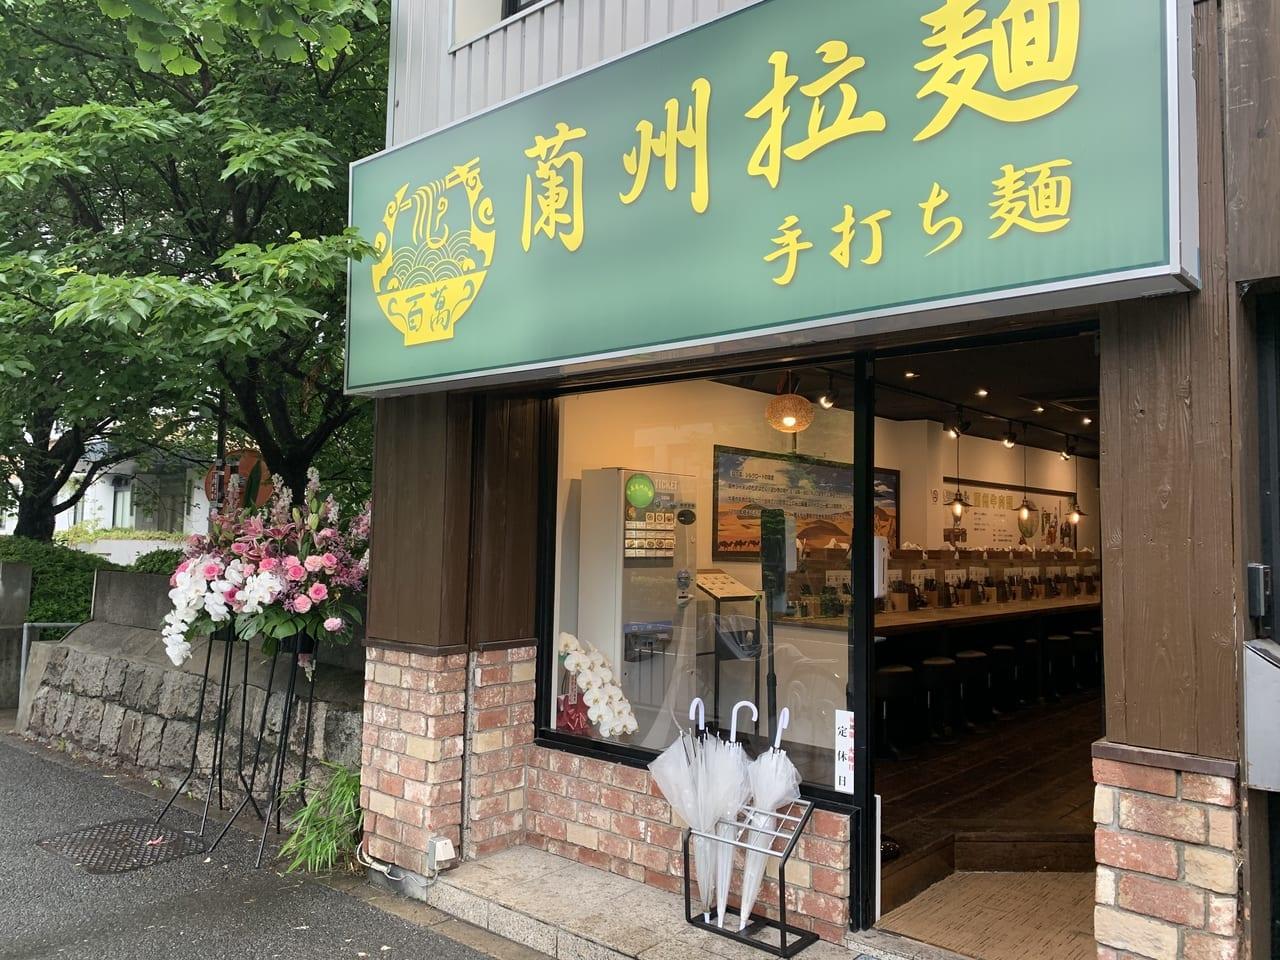 京都大学近くにオープンした百萬蘭州拉麺